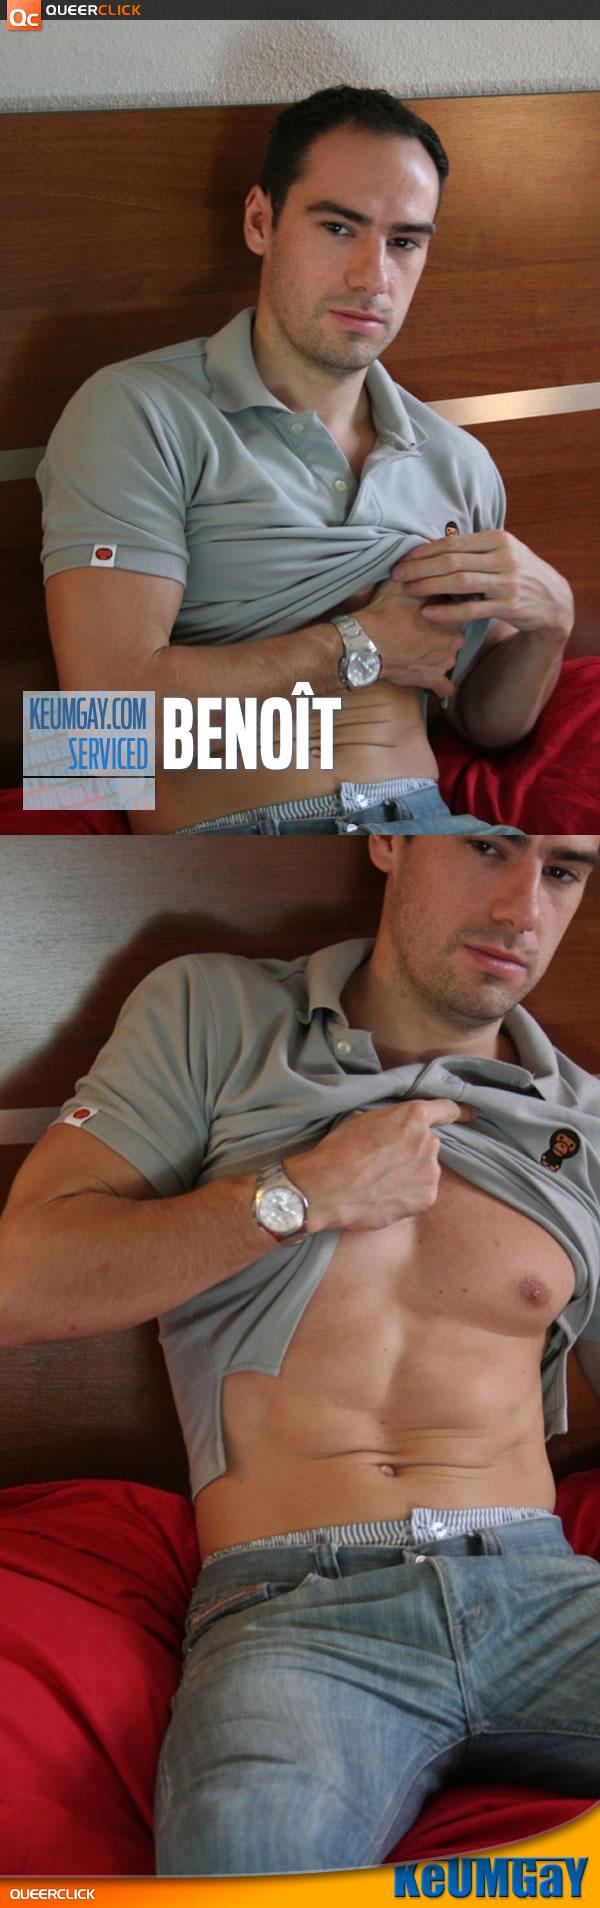 KeumGay: Benoit